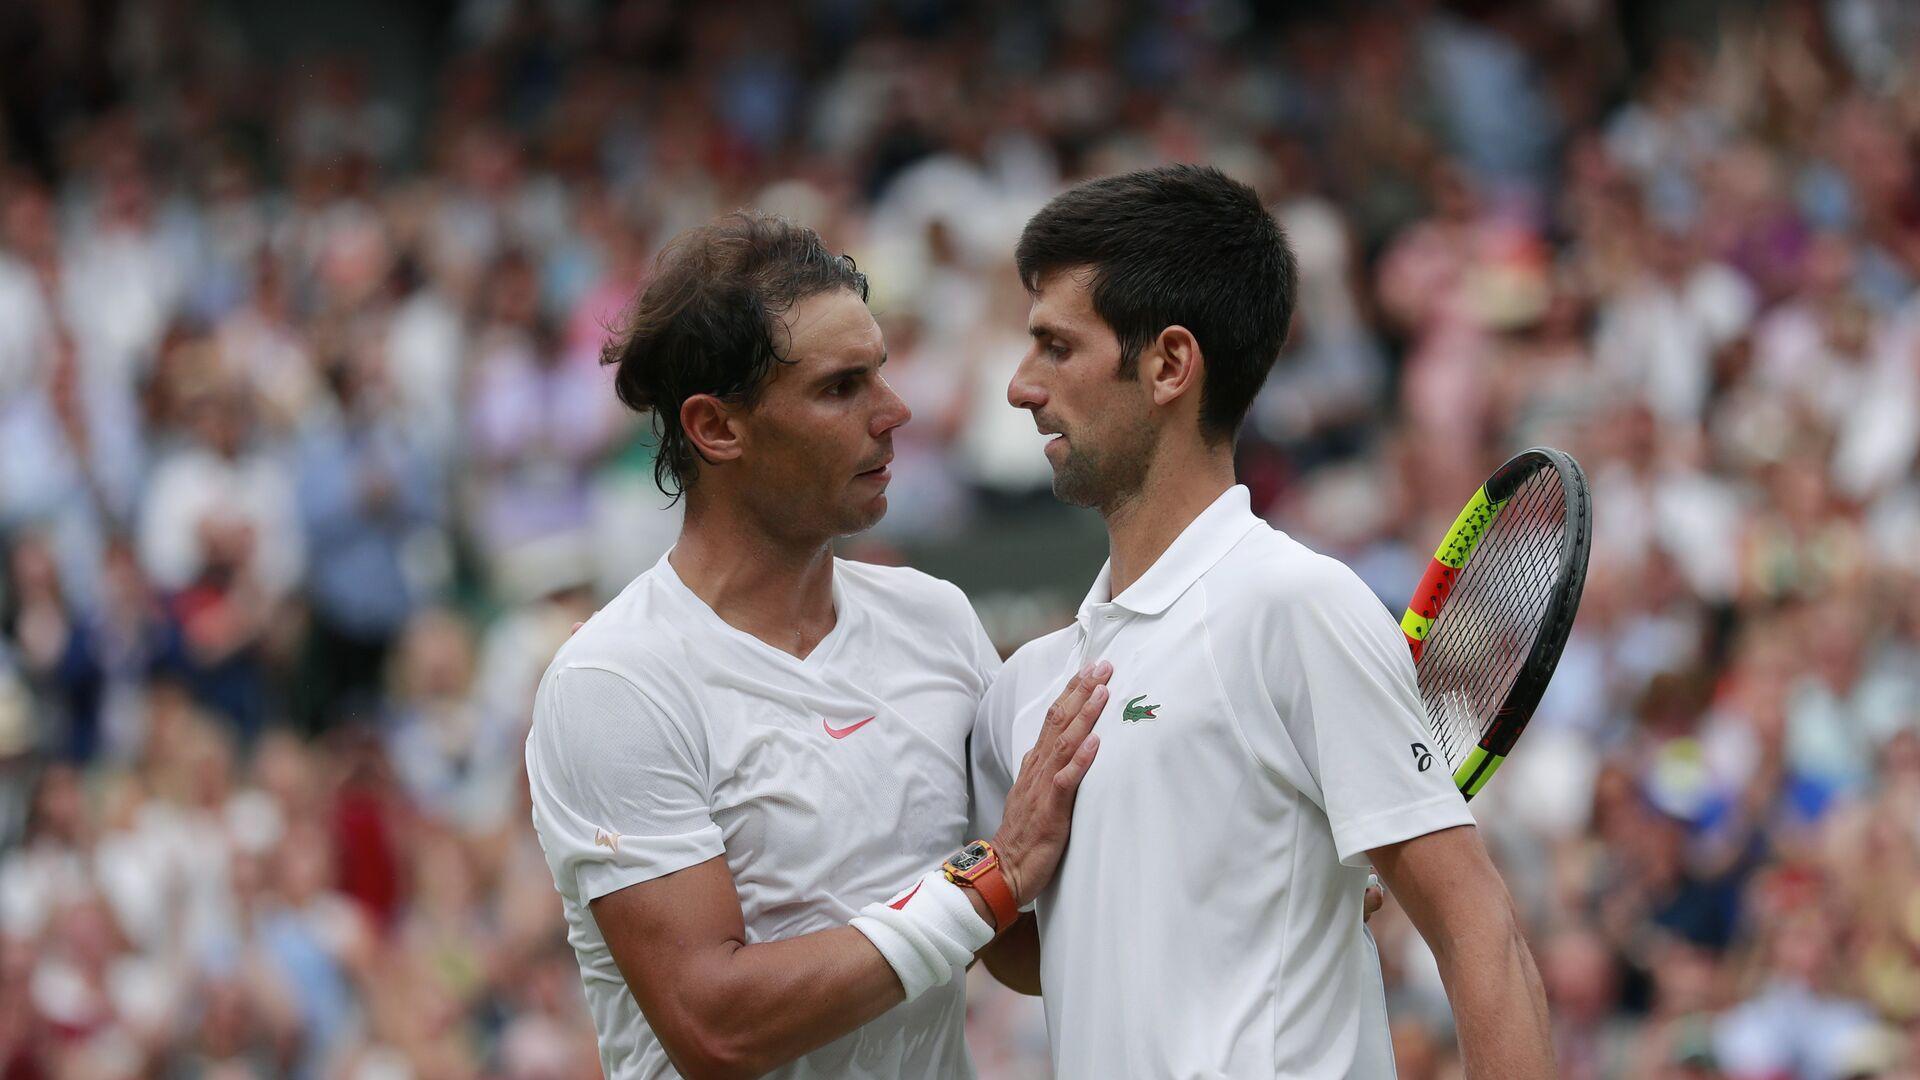 Rafaerl Nadal i Novak Đoković - Sputnik Srbija, 1920, 11.06.2021